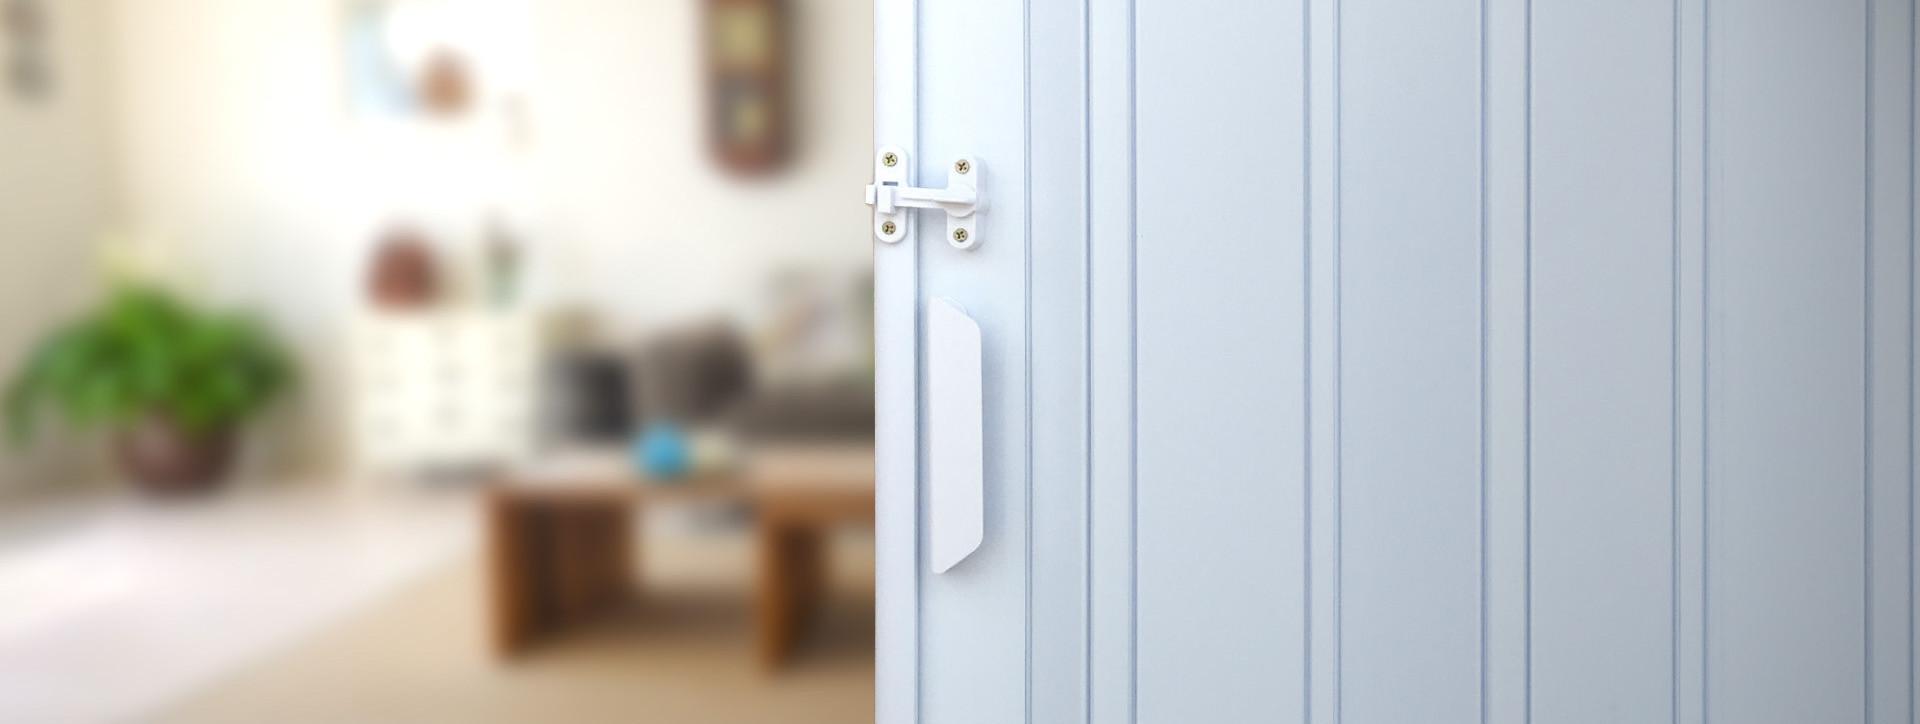 porta-pvc-sanfonada-camarao-instalar-resistencia-durabilidade-branca-cozinha-banheiro